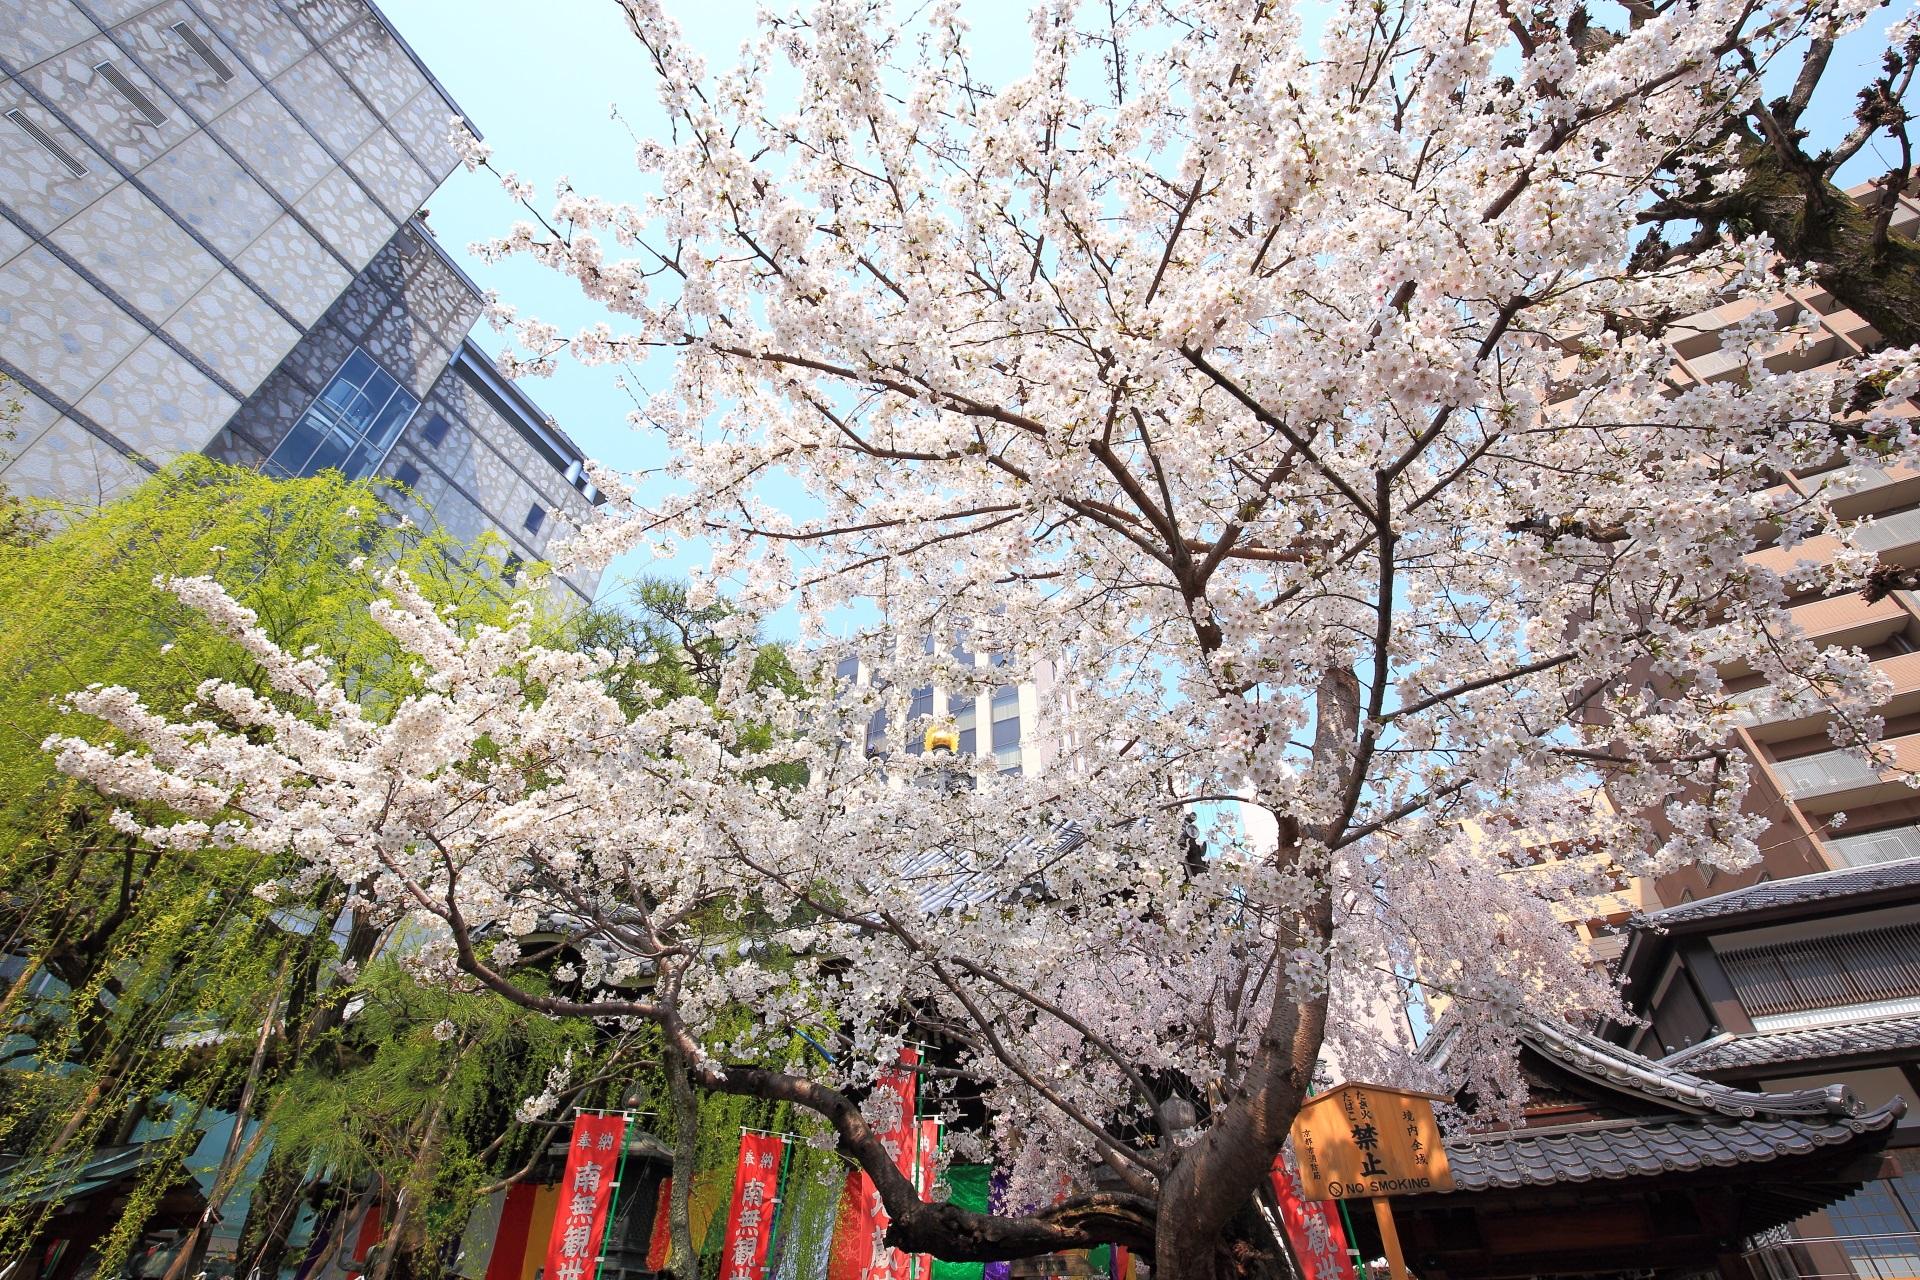 六角堂の本堂横の柳と桜のコラボ